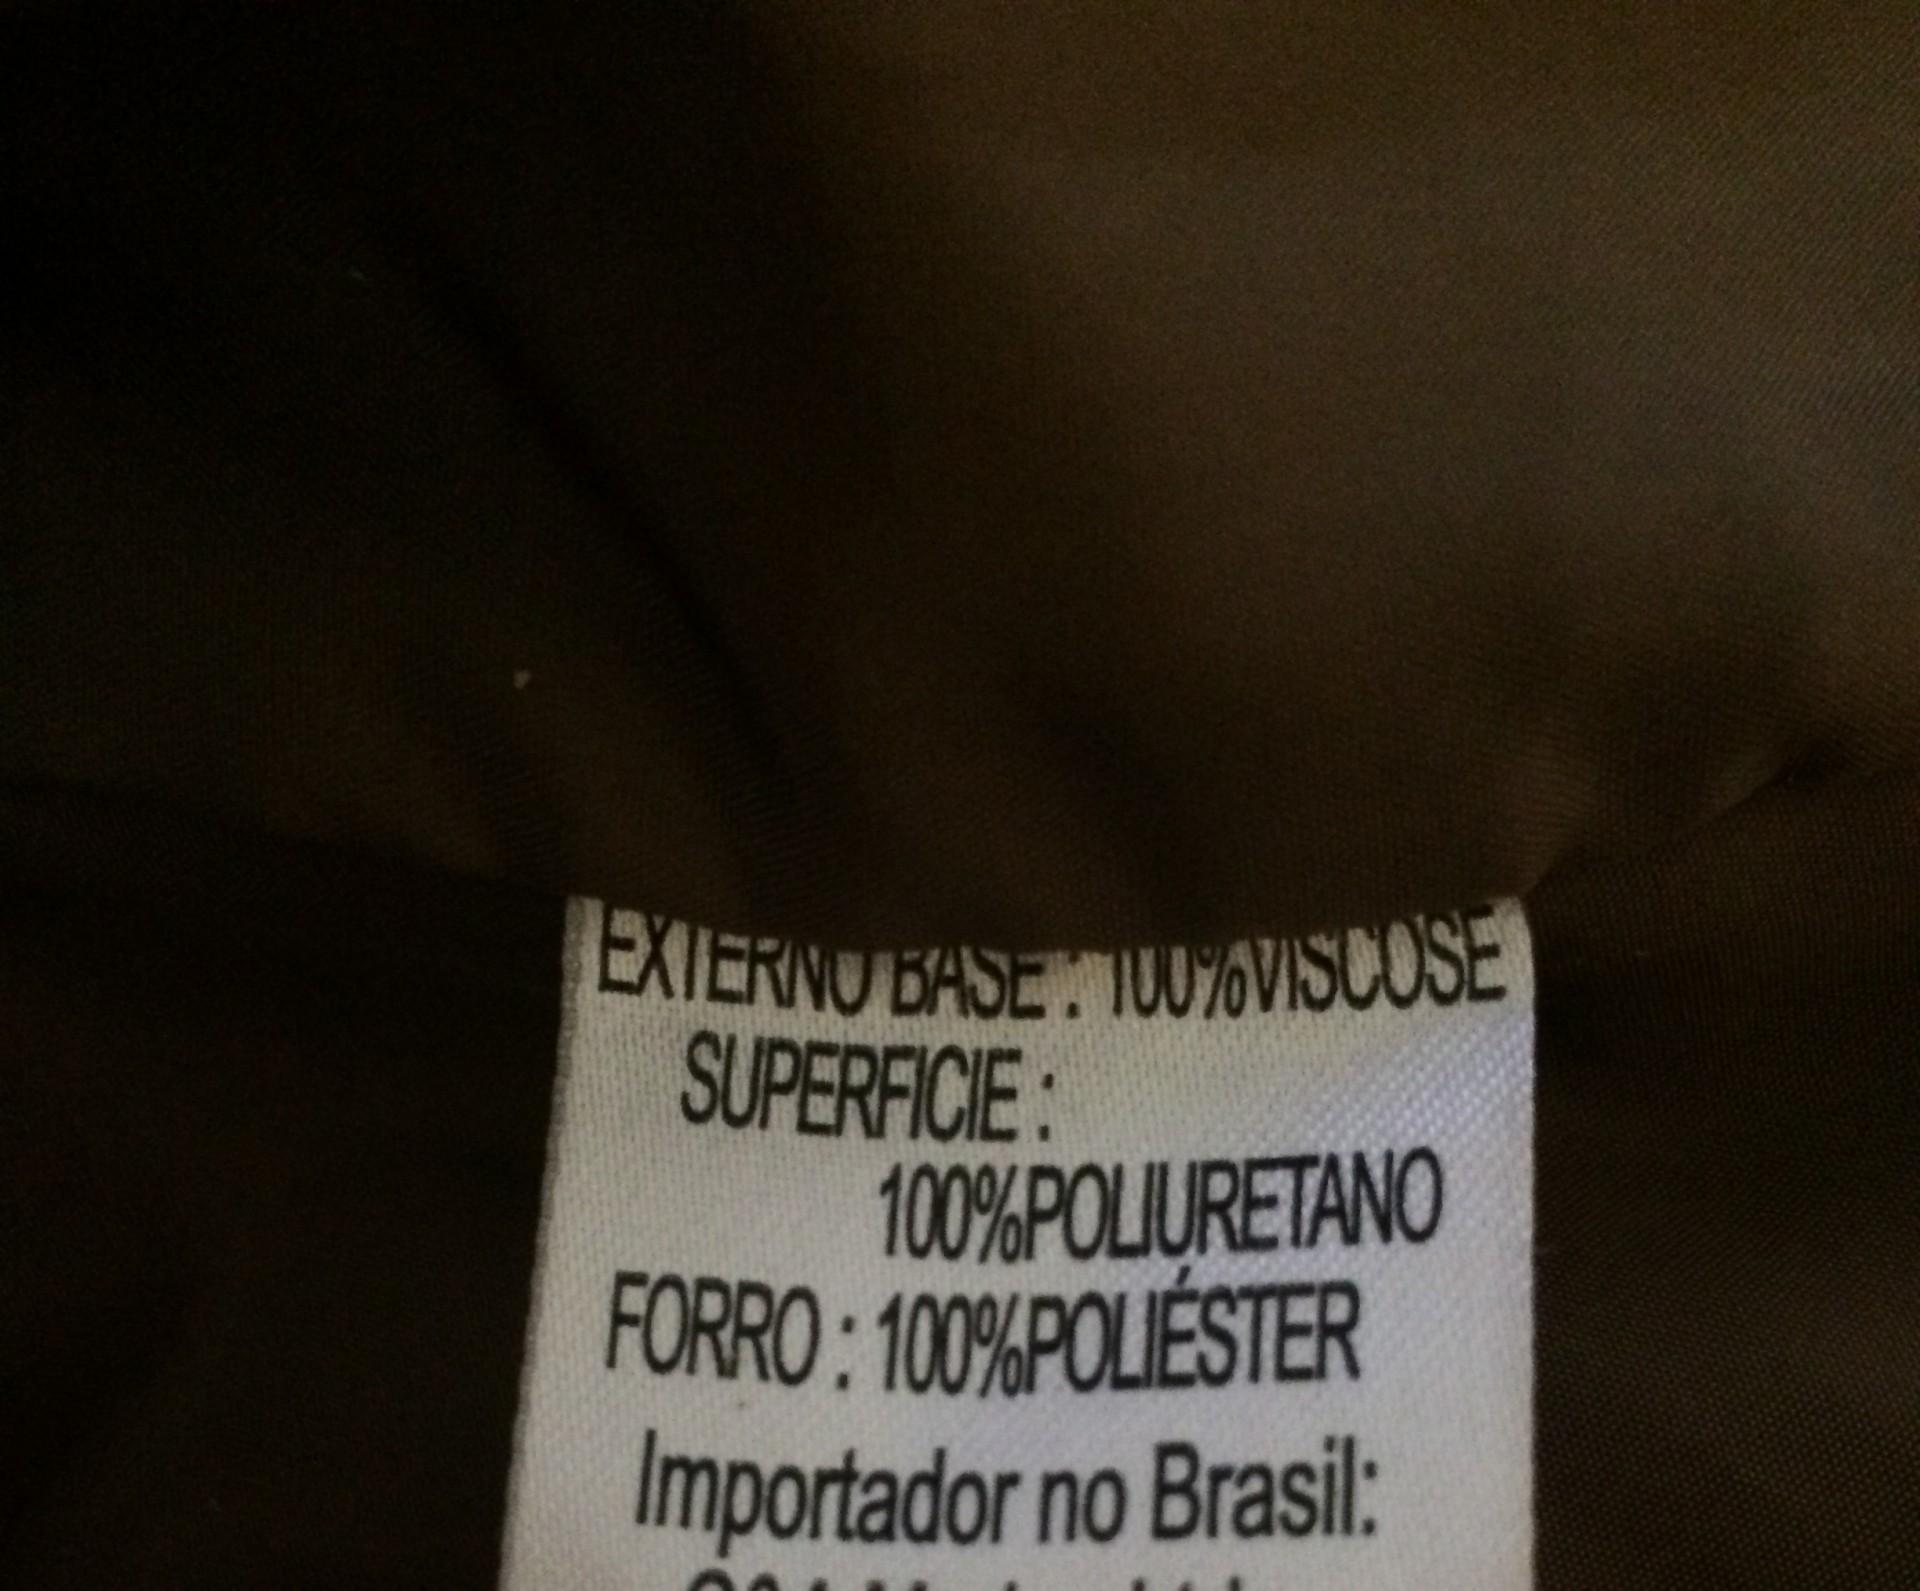 etiqueta-de-roupa-poliuretano